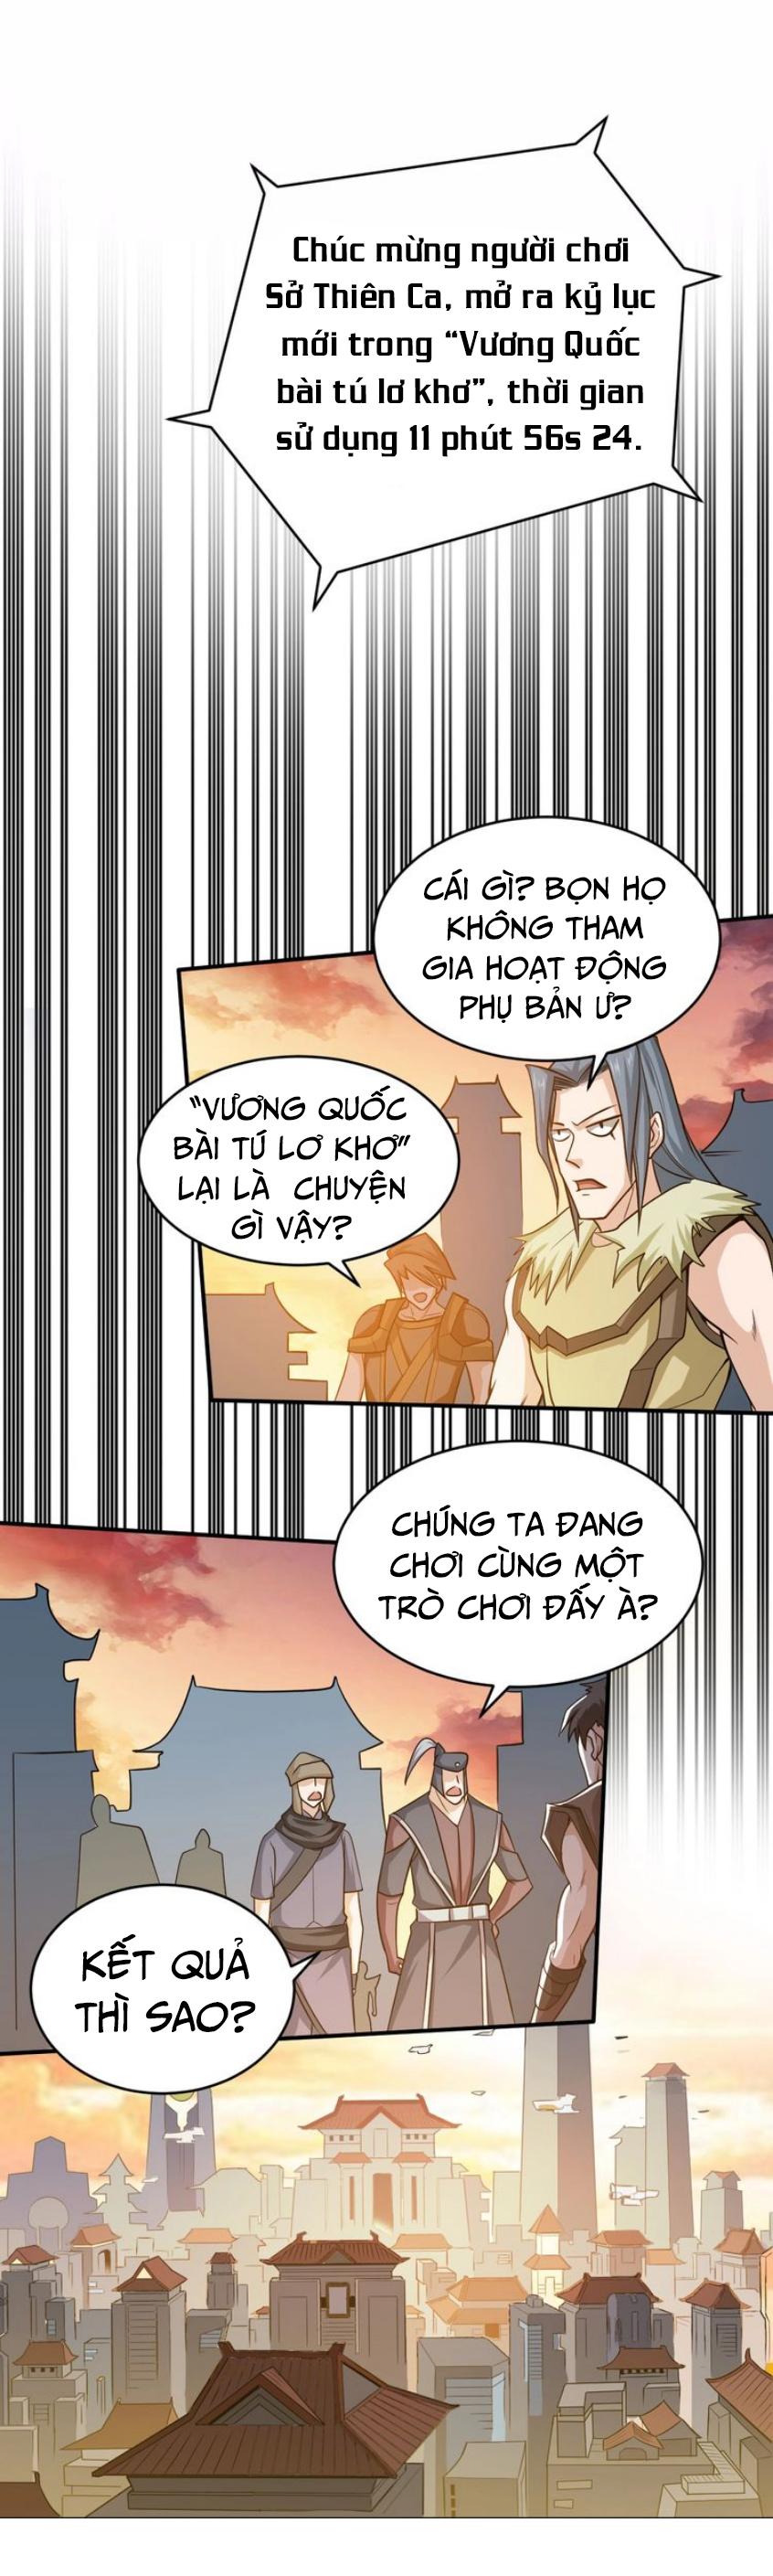 Rich Player - Người Chơi Khắc Kim Chapter 71 video - truyenmh.com